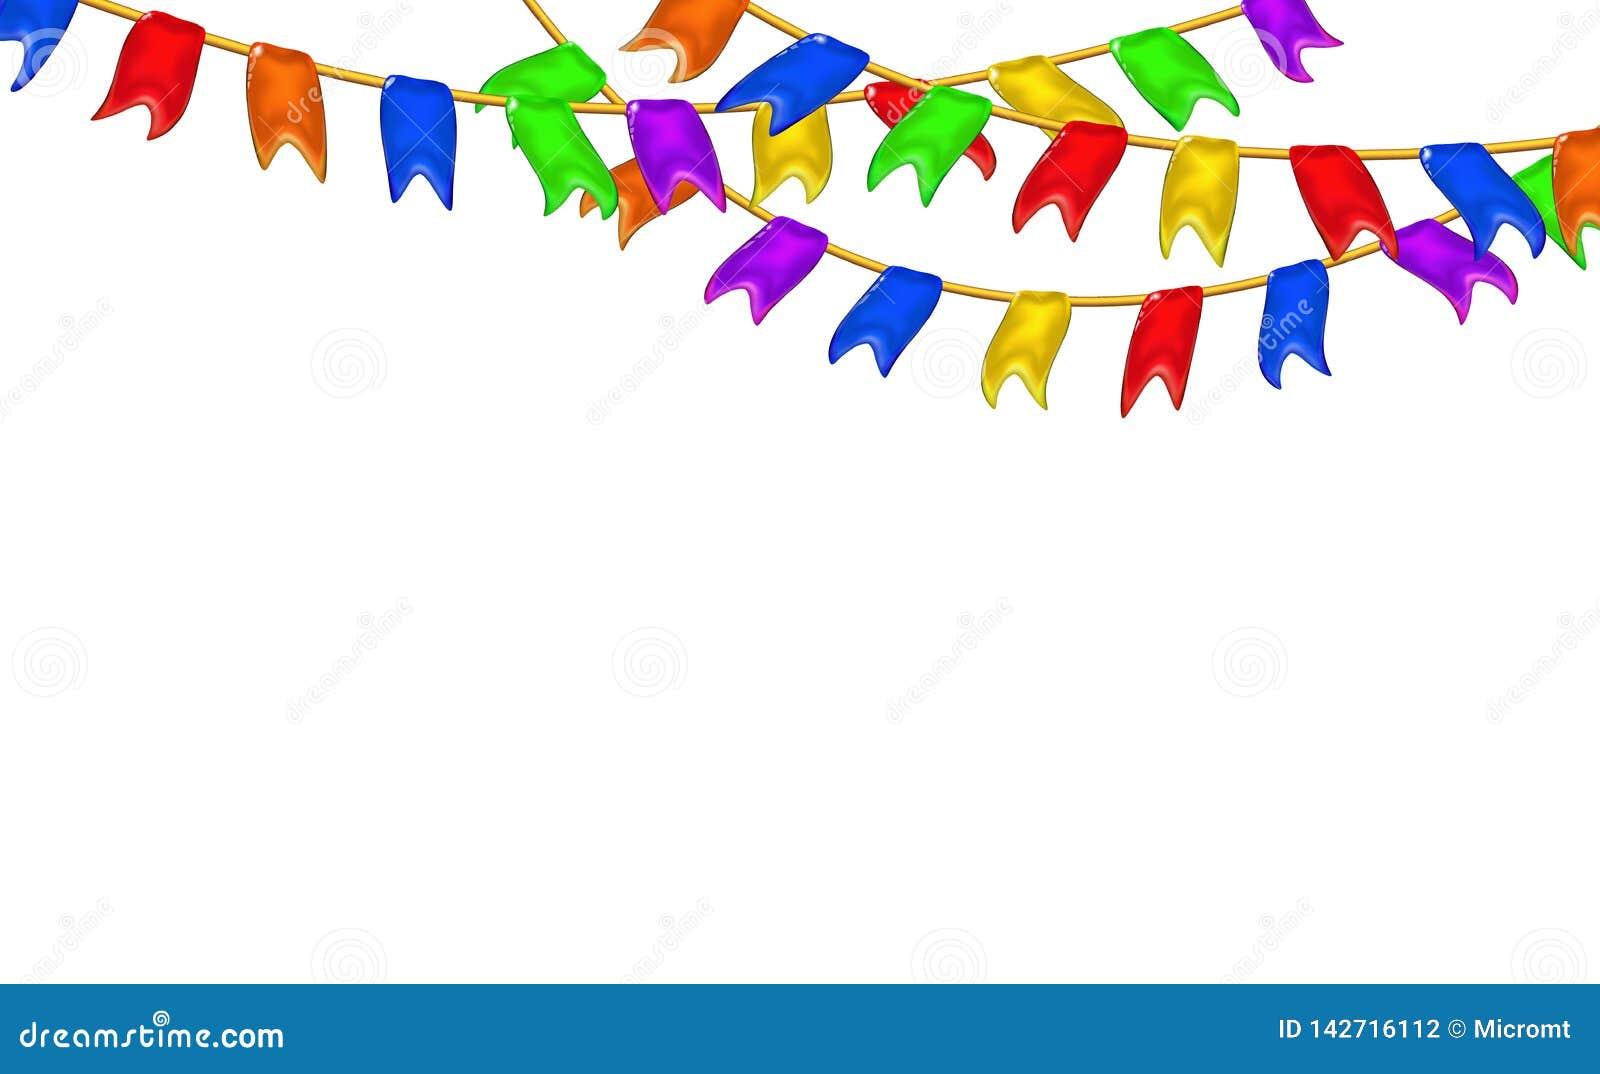 Οι γιρλάντες καρναβαλιού σημαιοστολίζουν τις διακοσμητικές πολύχρωμες, τρισδιάστατες στιλπνές μικρές σημαίες καραμέλας που κρεμού